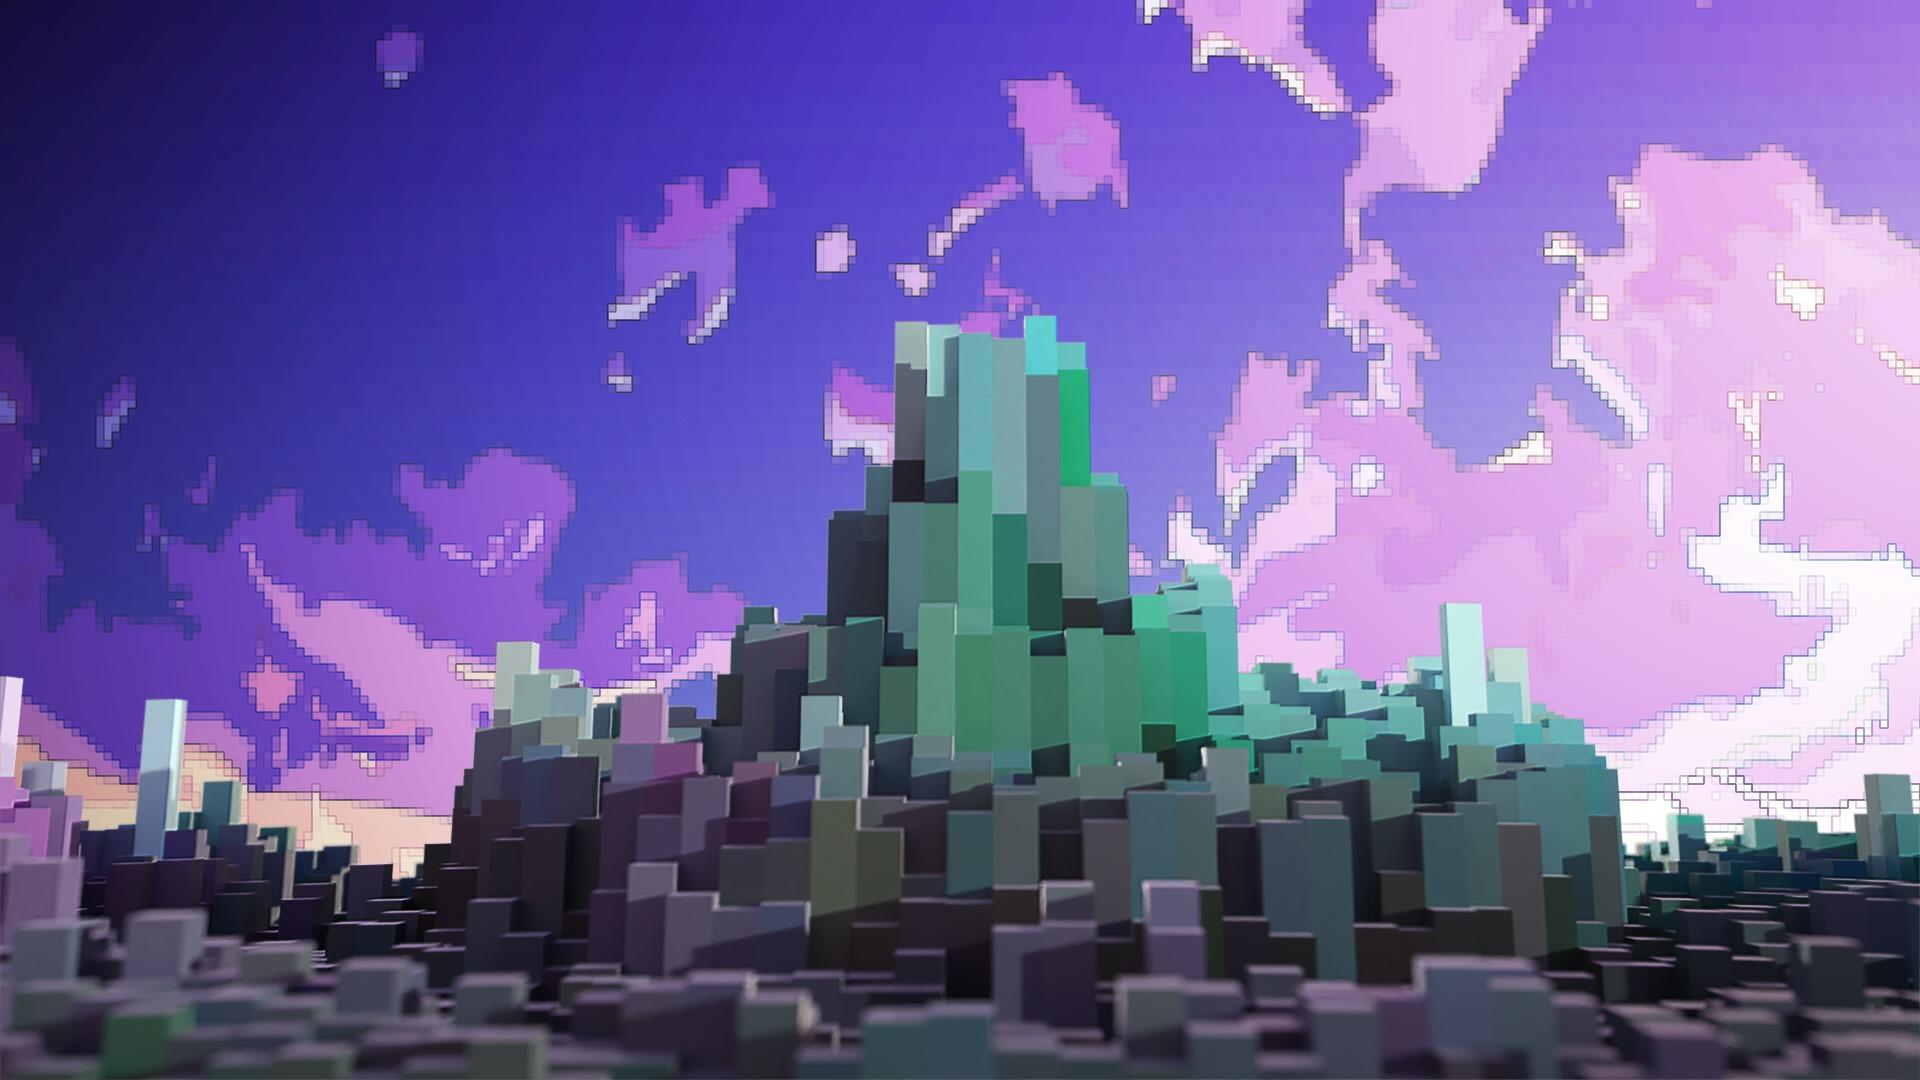 pixelcity1pp_nobordi